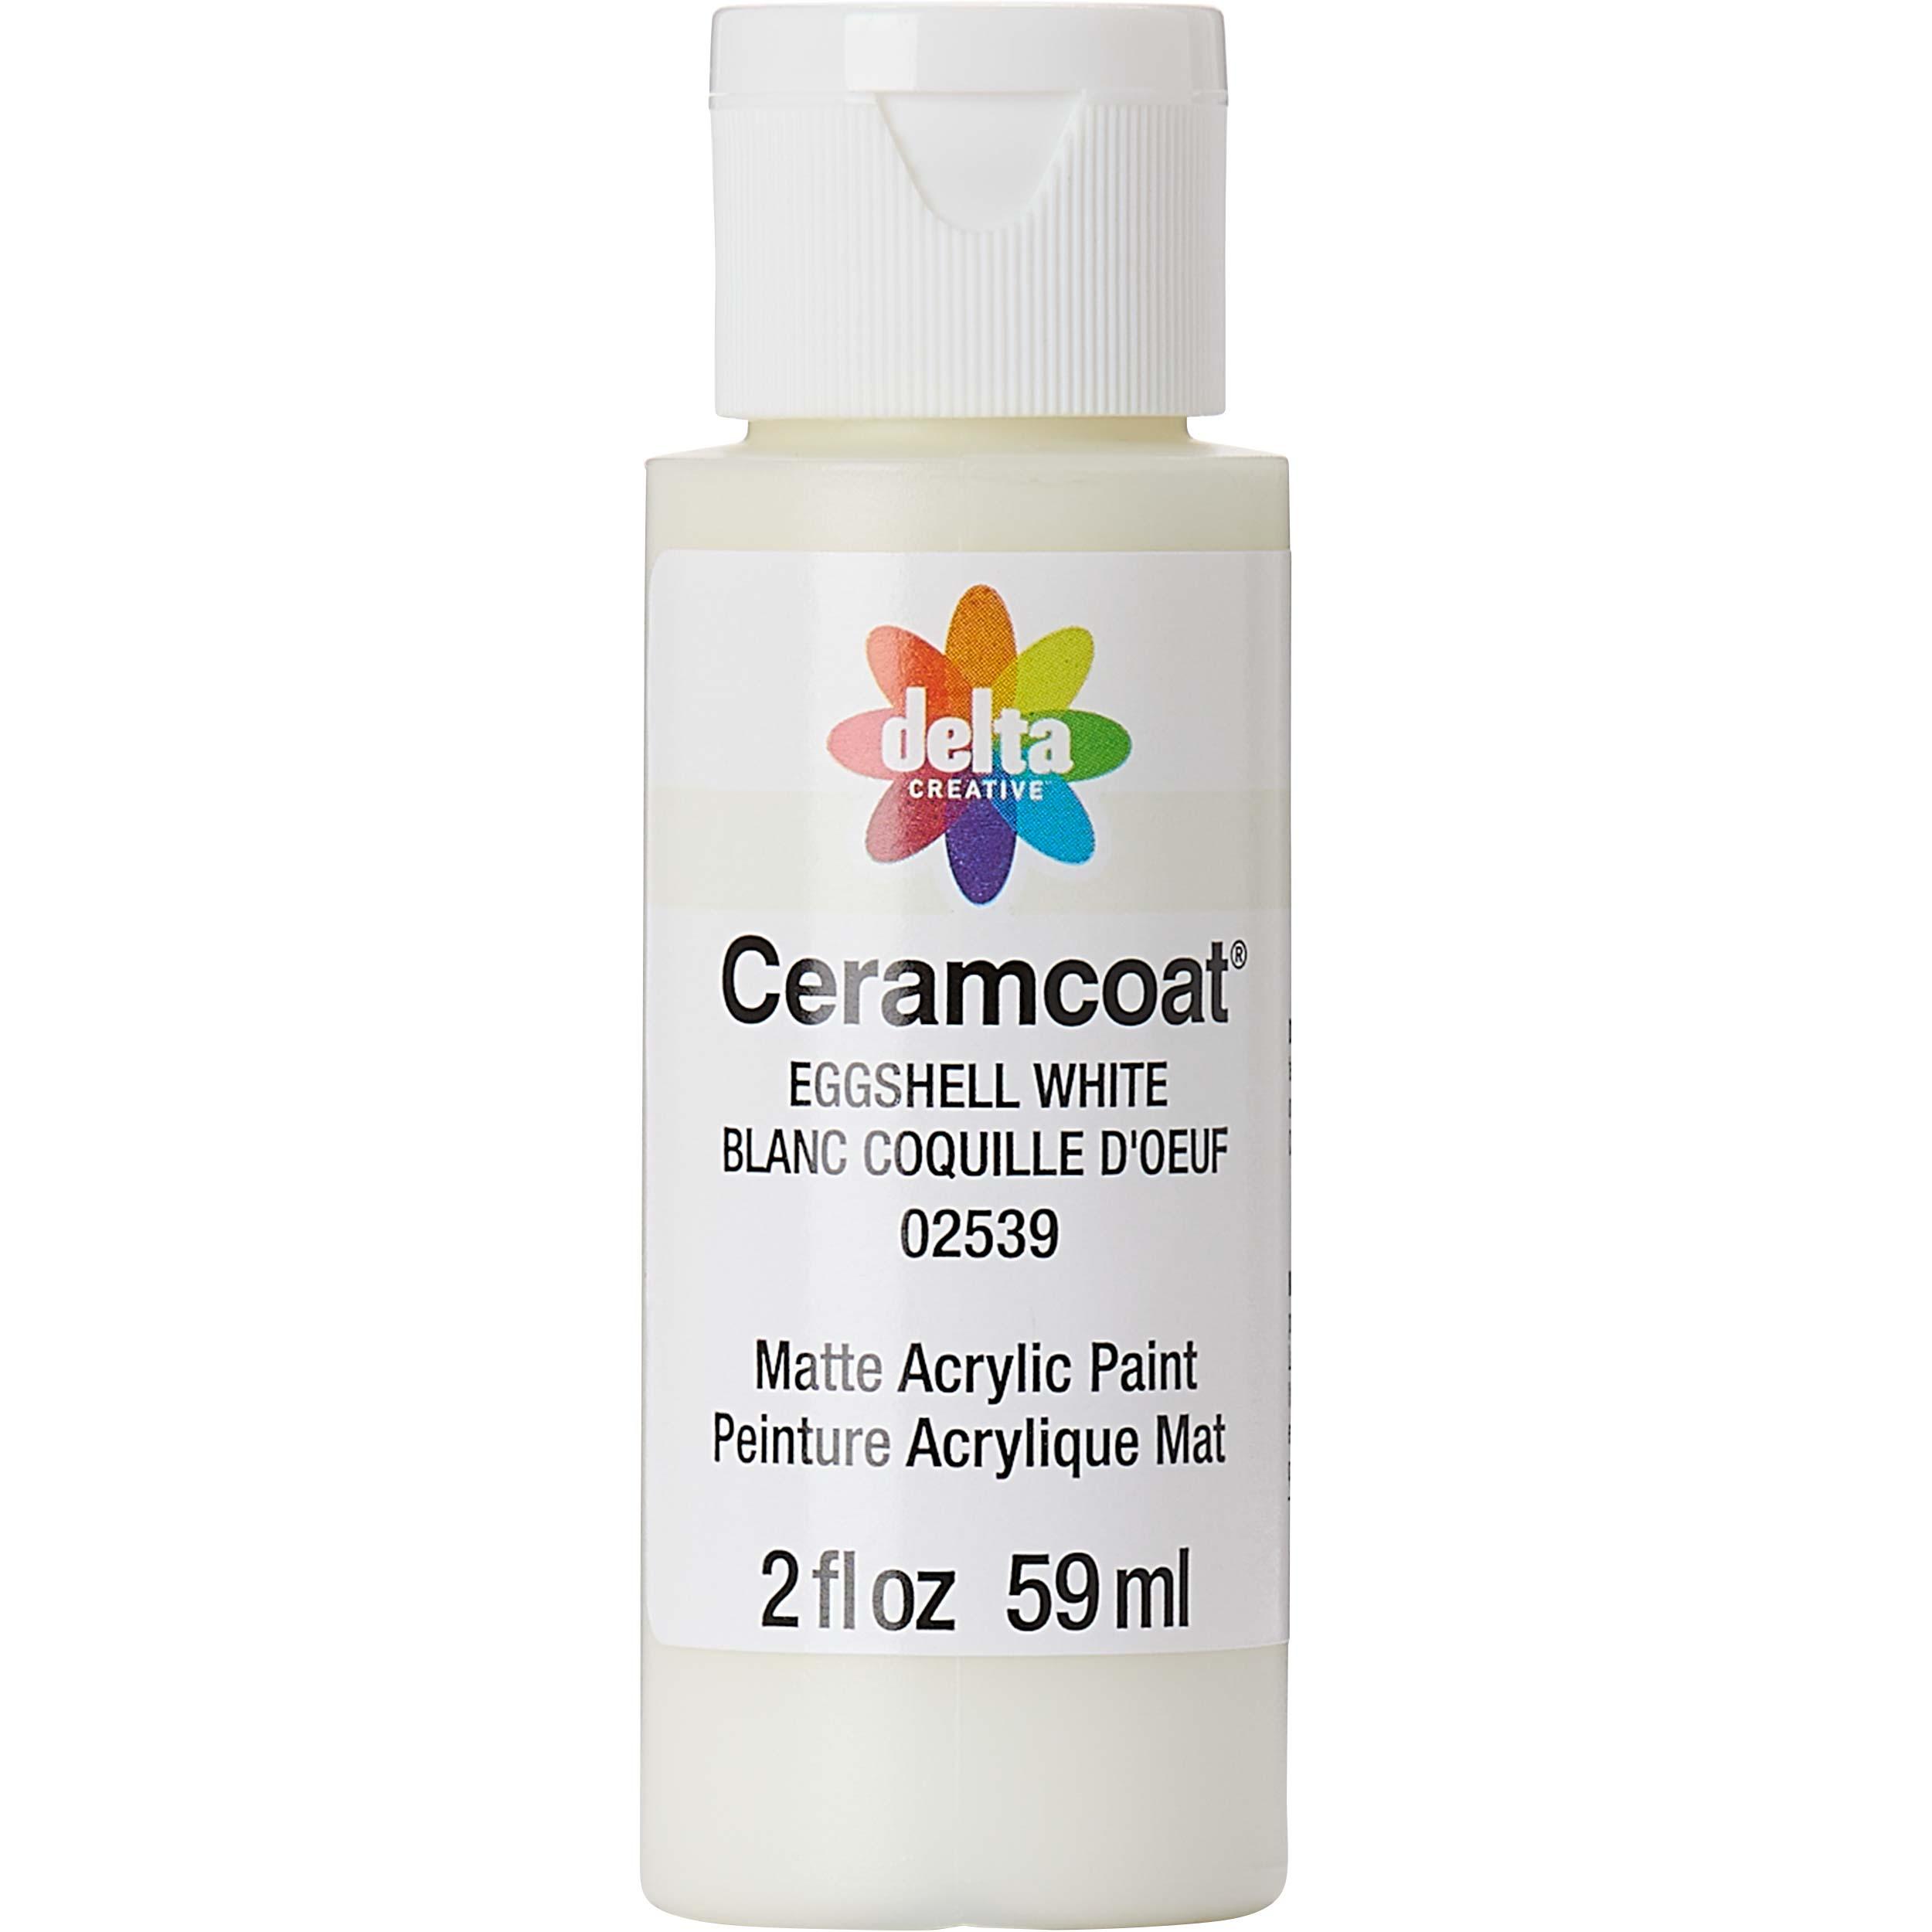 Delta Ceramcoat ® Acrylic Paint - Eggshell White, 2 oz.